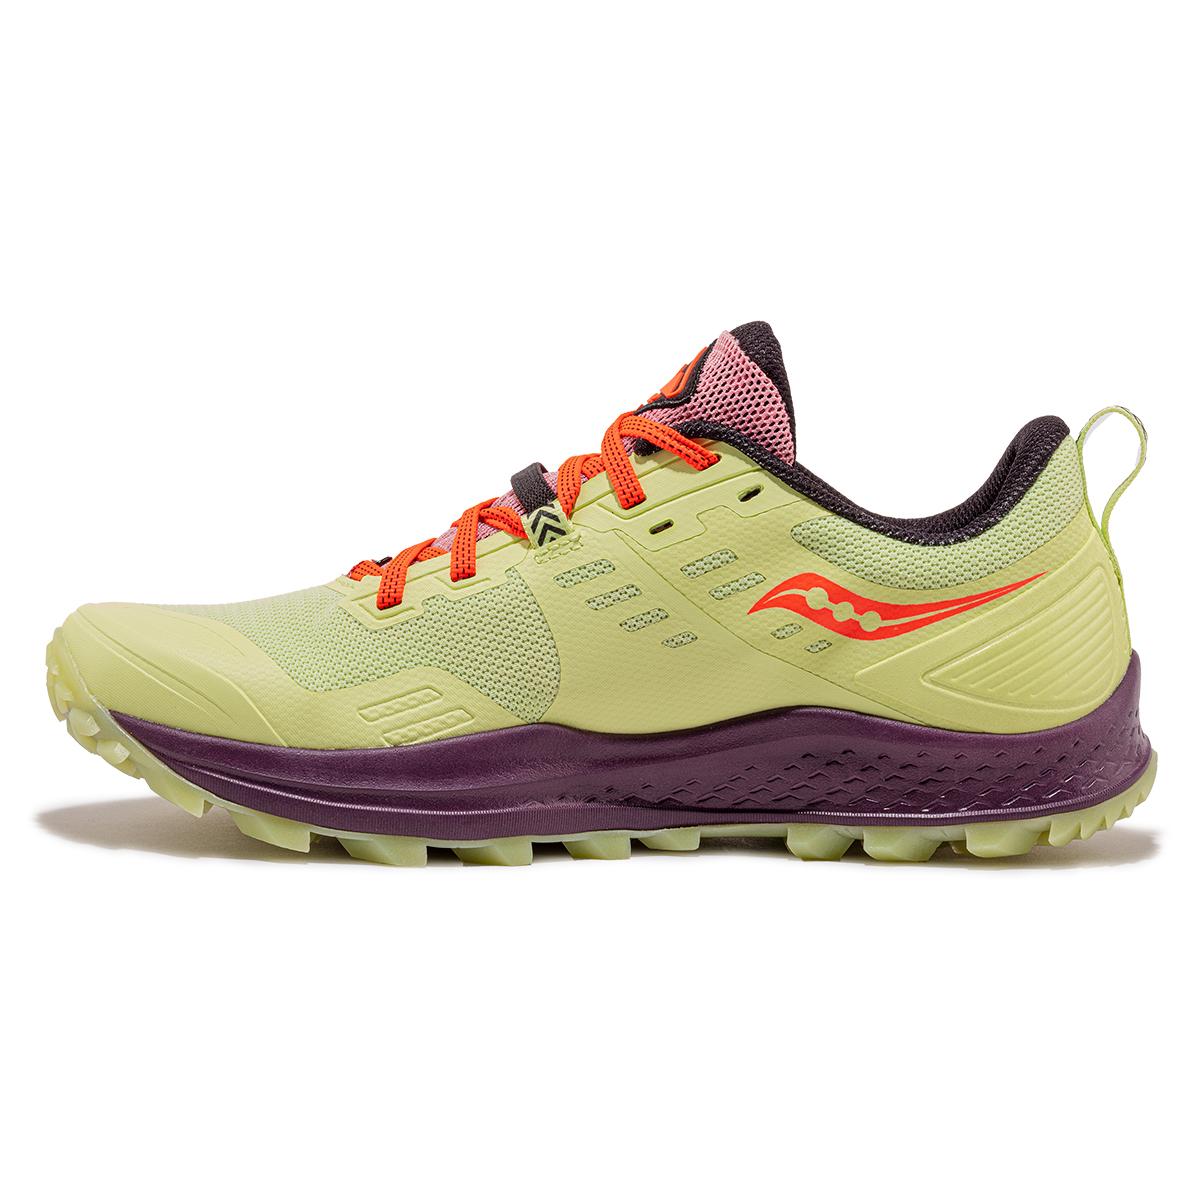 Women's Saucony Jackalope 2.0 Peregrine 10 Trail Running Shoe - Color: Jackalope - Size: 5 - Width: Regular, Jackalope, large, image 4